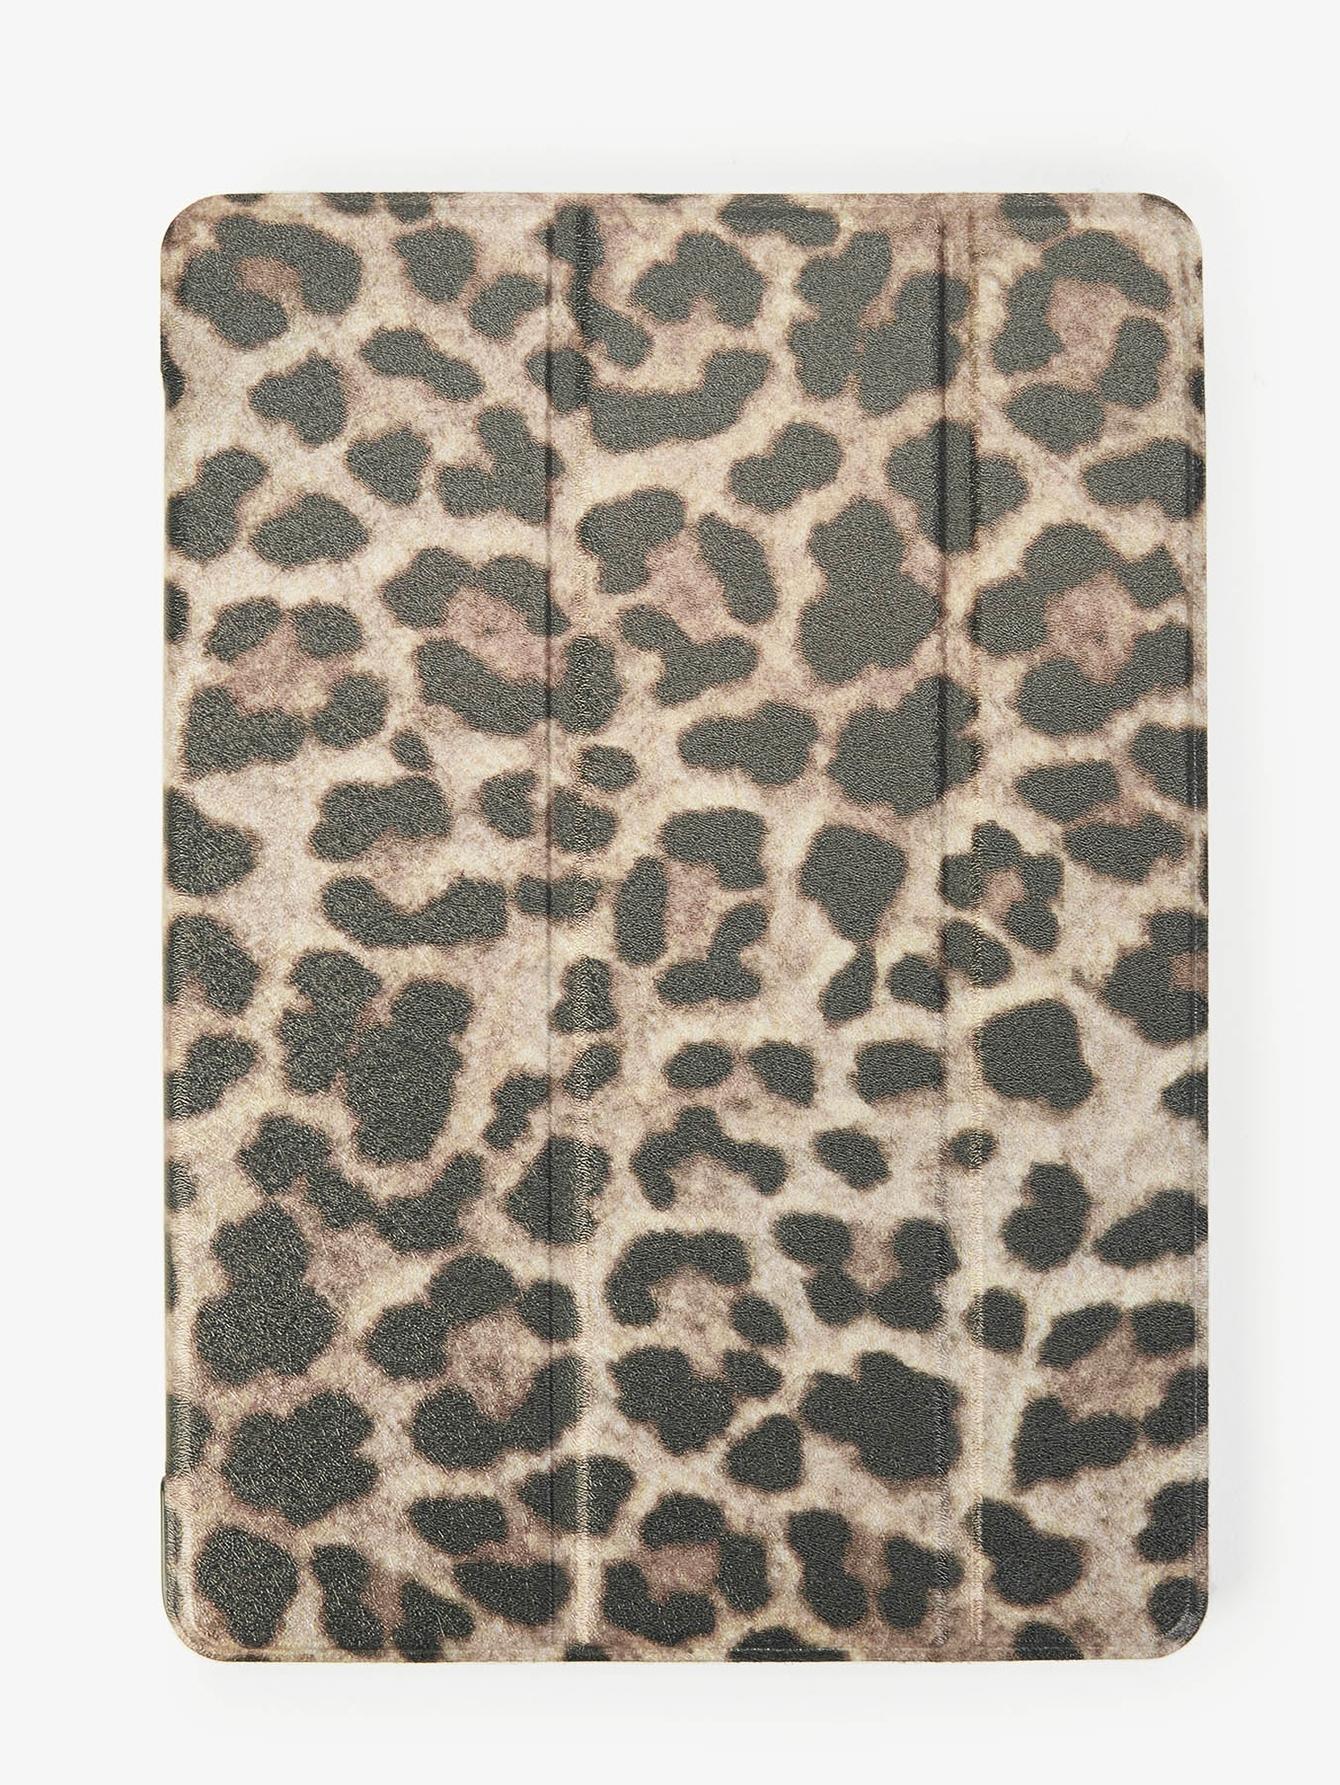 Leopard iPad Case null